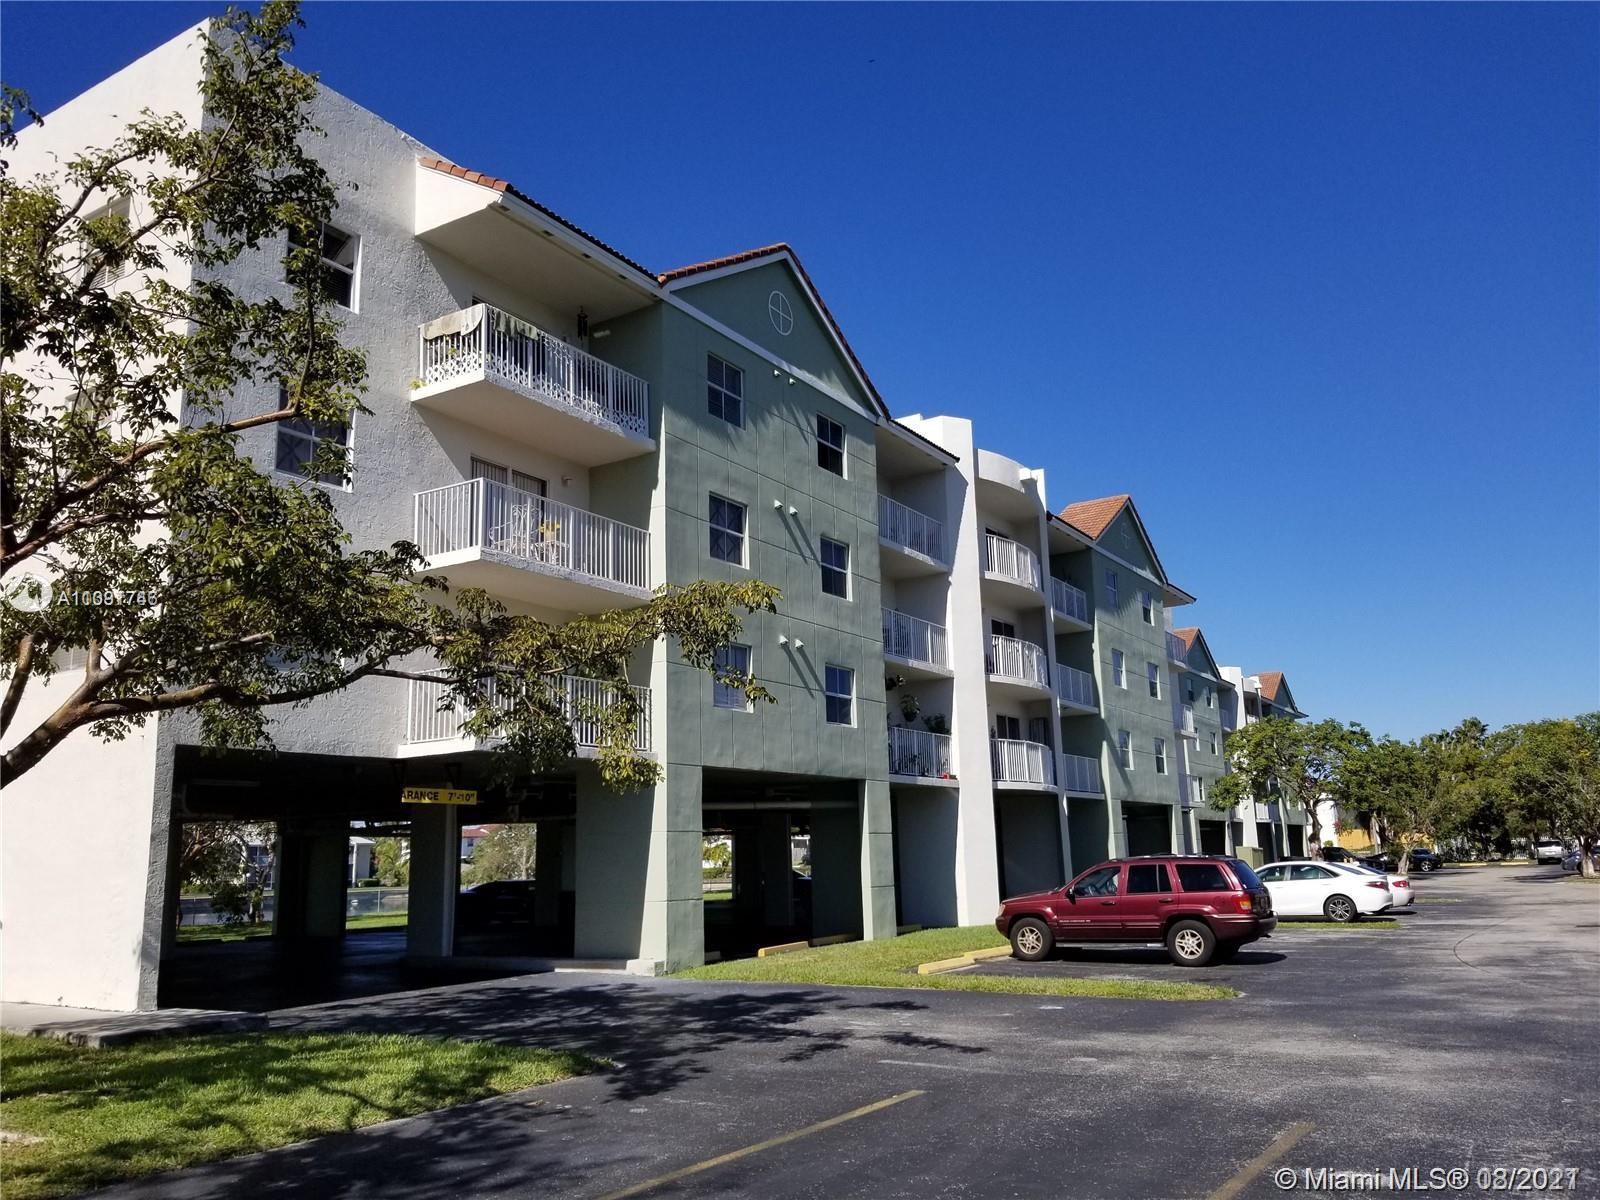 8260 210th St Unit 103, Cutler Bay, Florida 33189